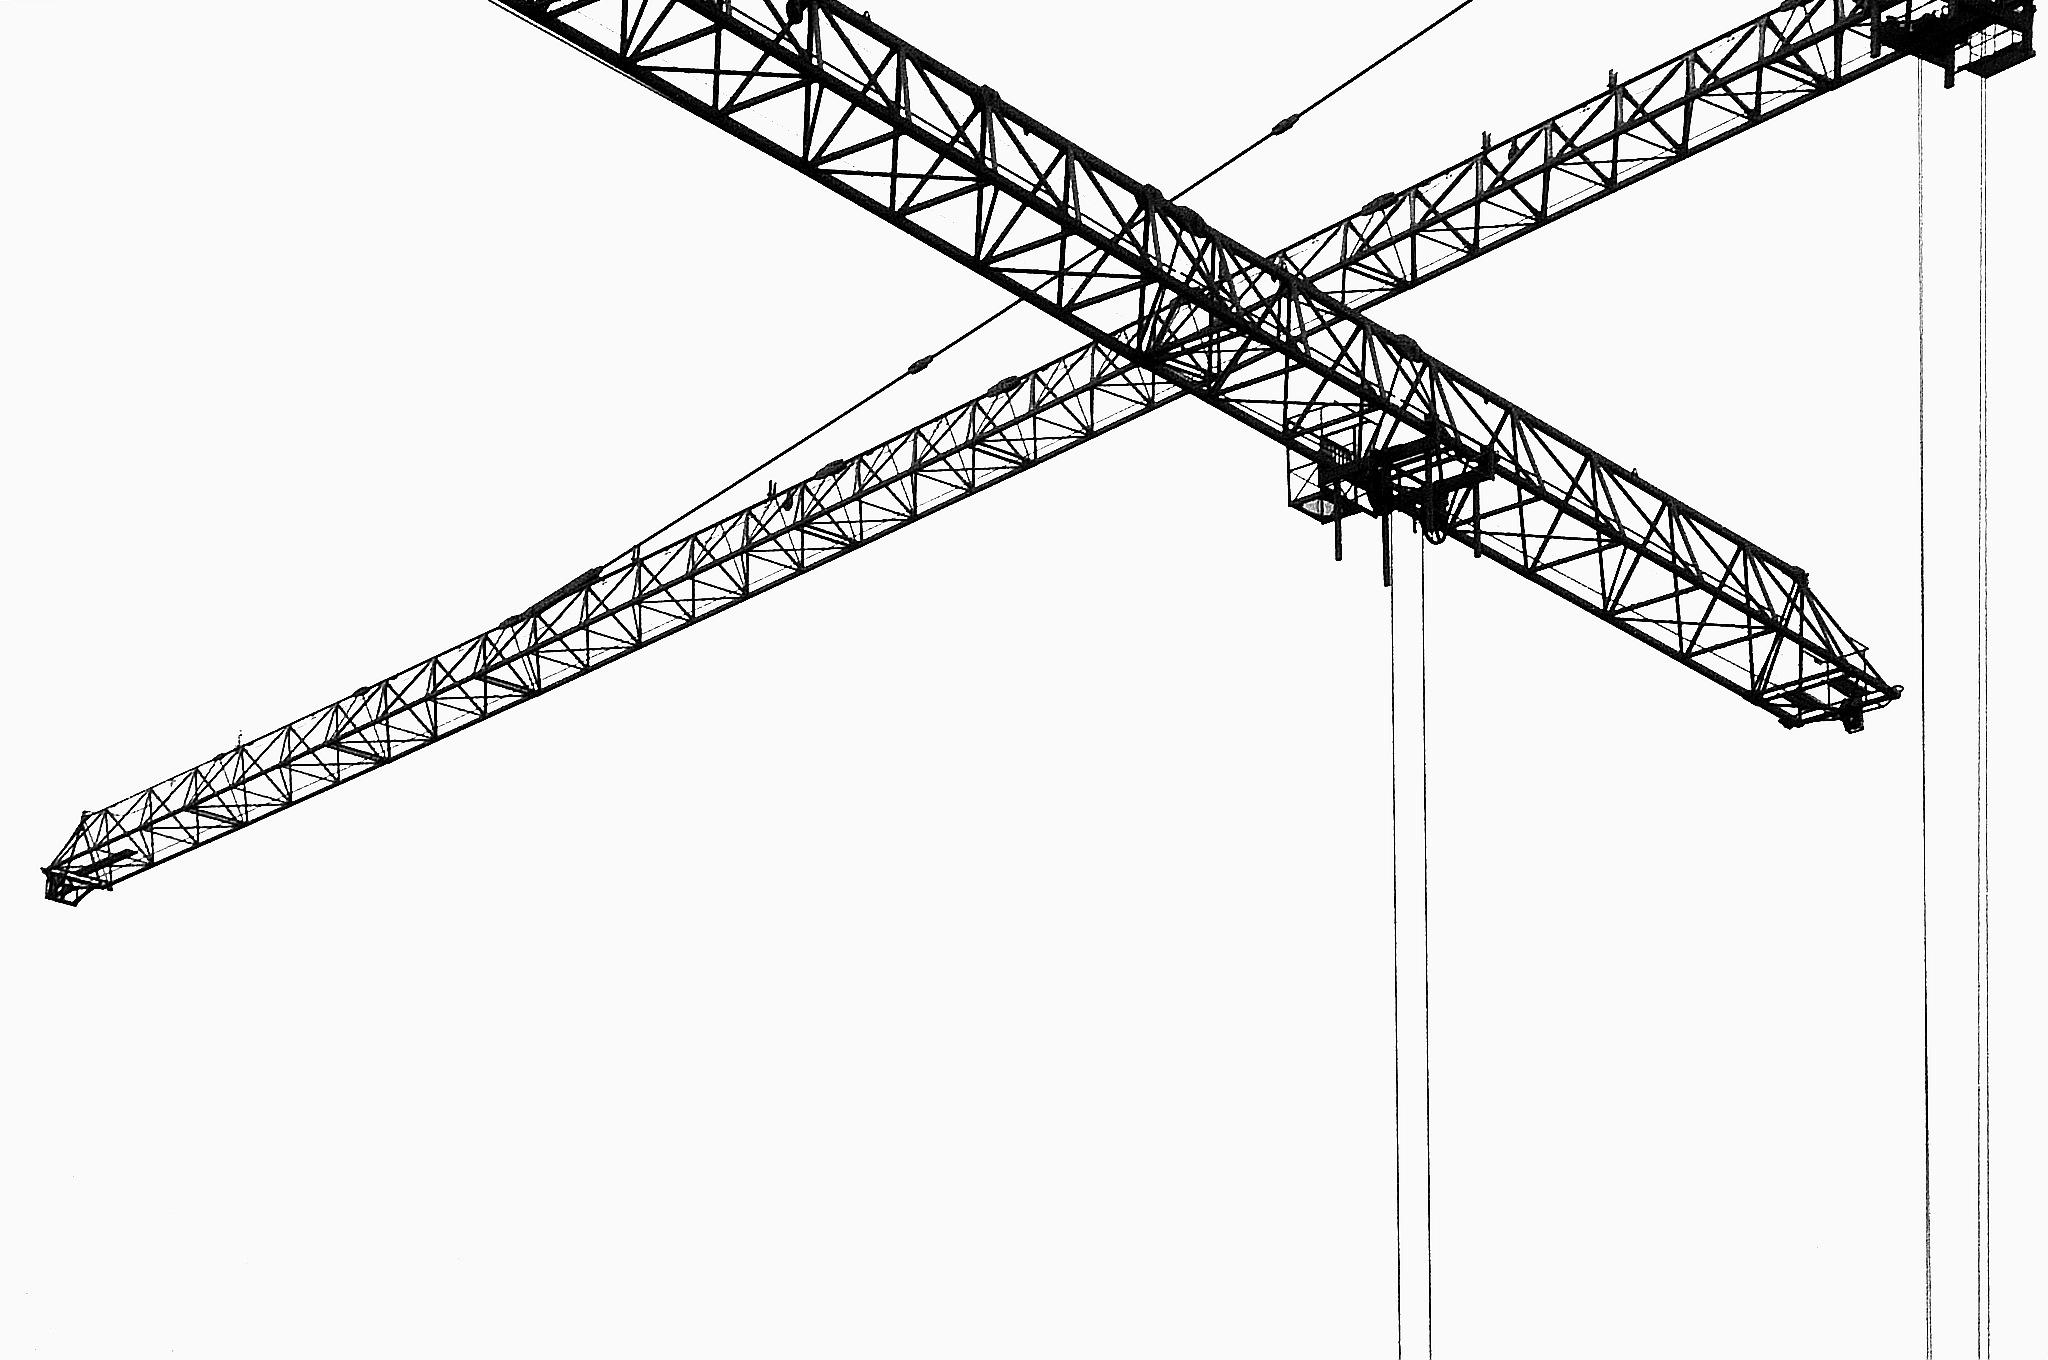 Cranes by Gernot Schwarz